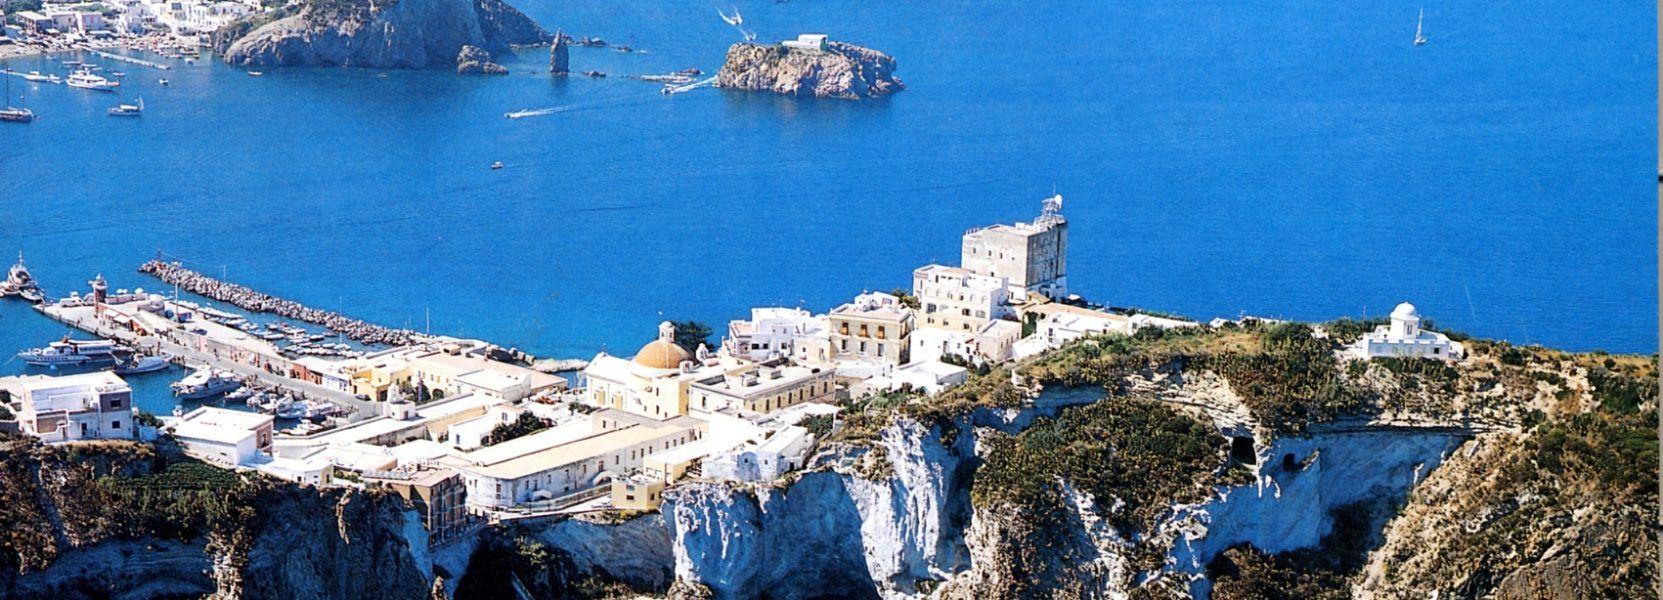 Ponza Arcipelago Vacanza Al Mare Paesaggi